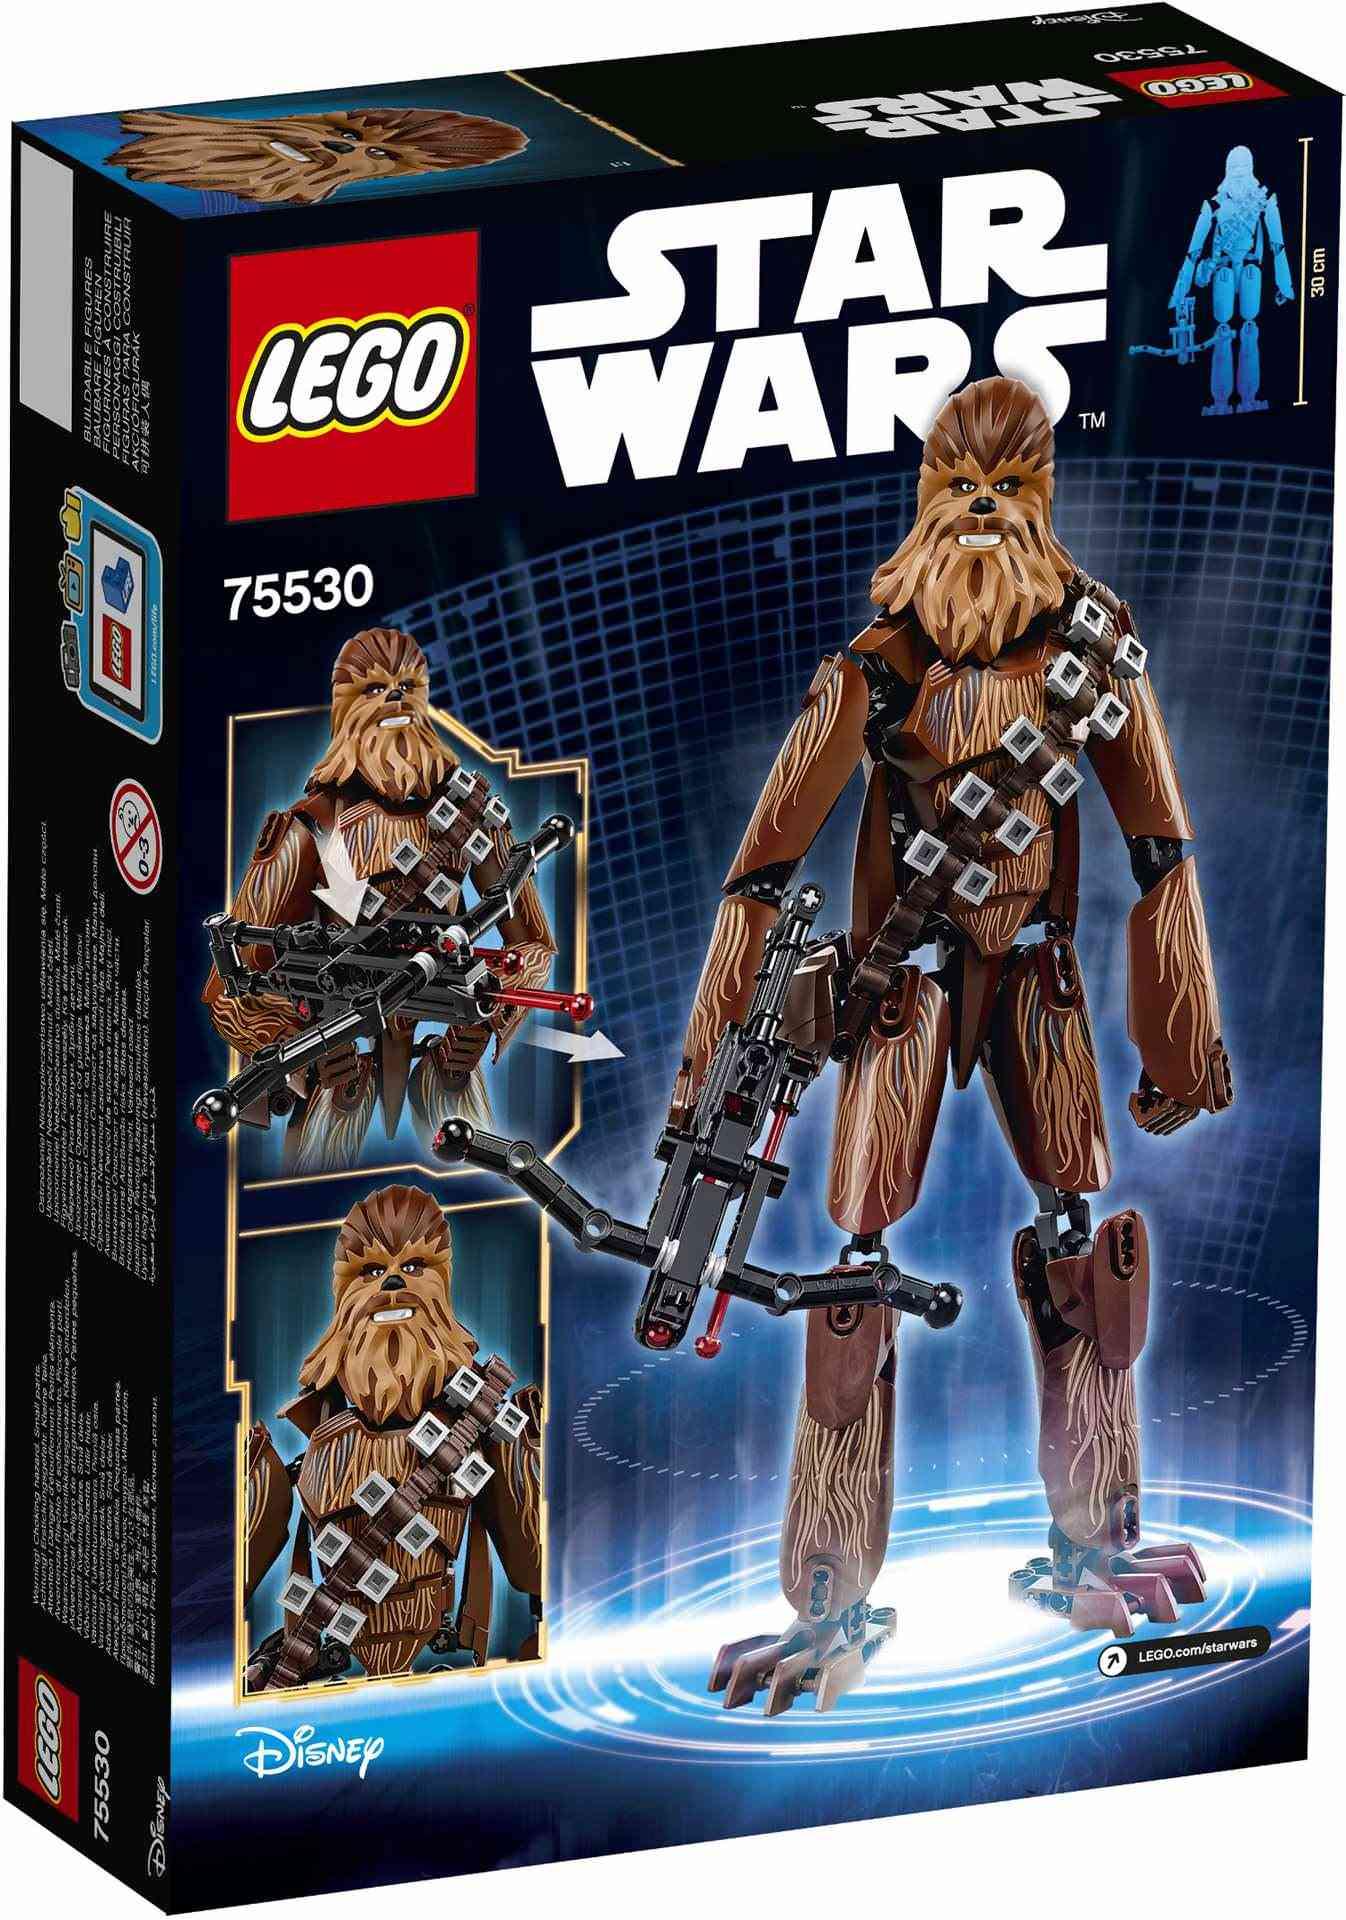 [Produits] Figurines Star Wars de l'automne 2017 : découvrez les images ! Mgbmtk10